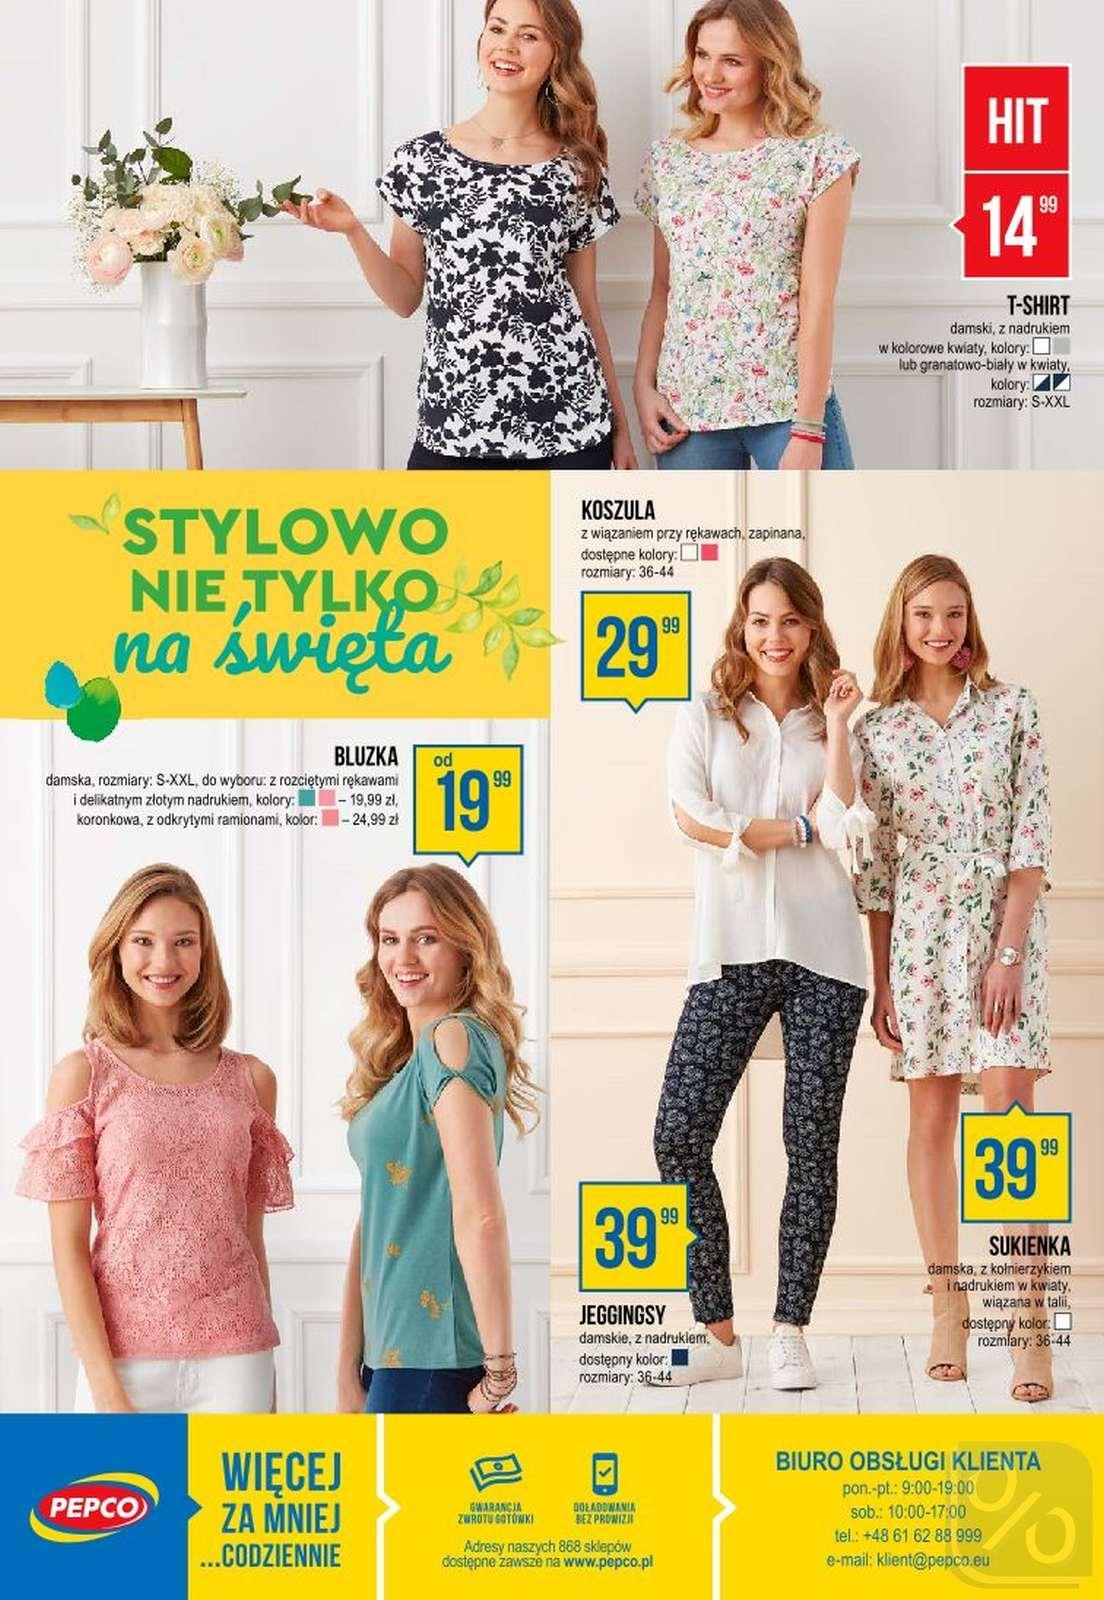 Gazetka promocyjna Pepco do 10/04/2019 str.7